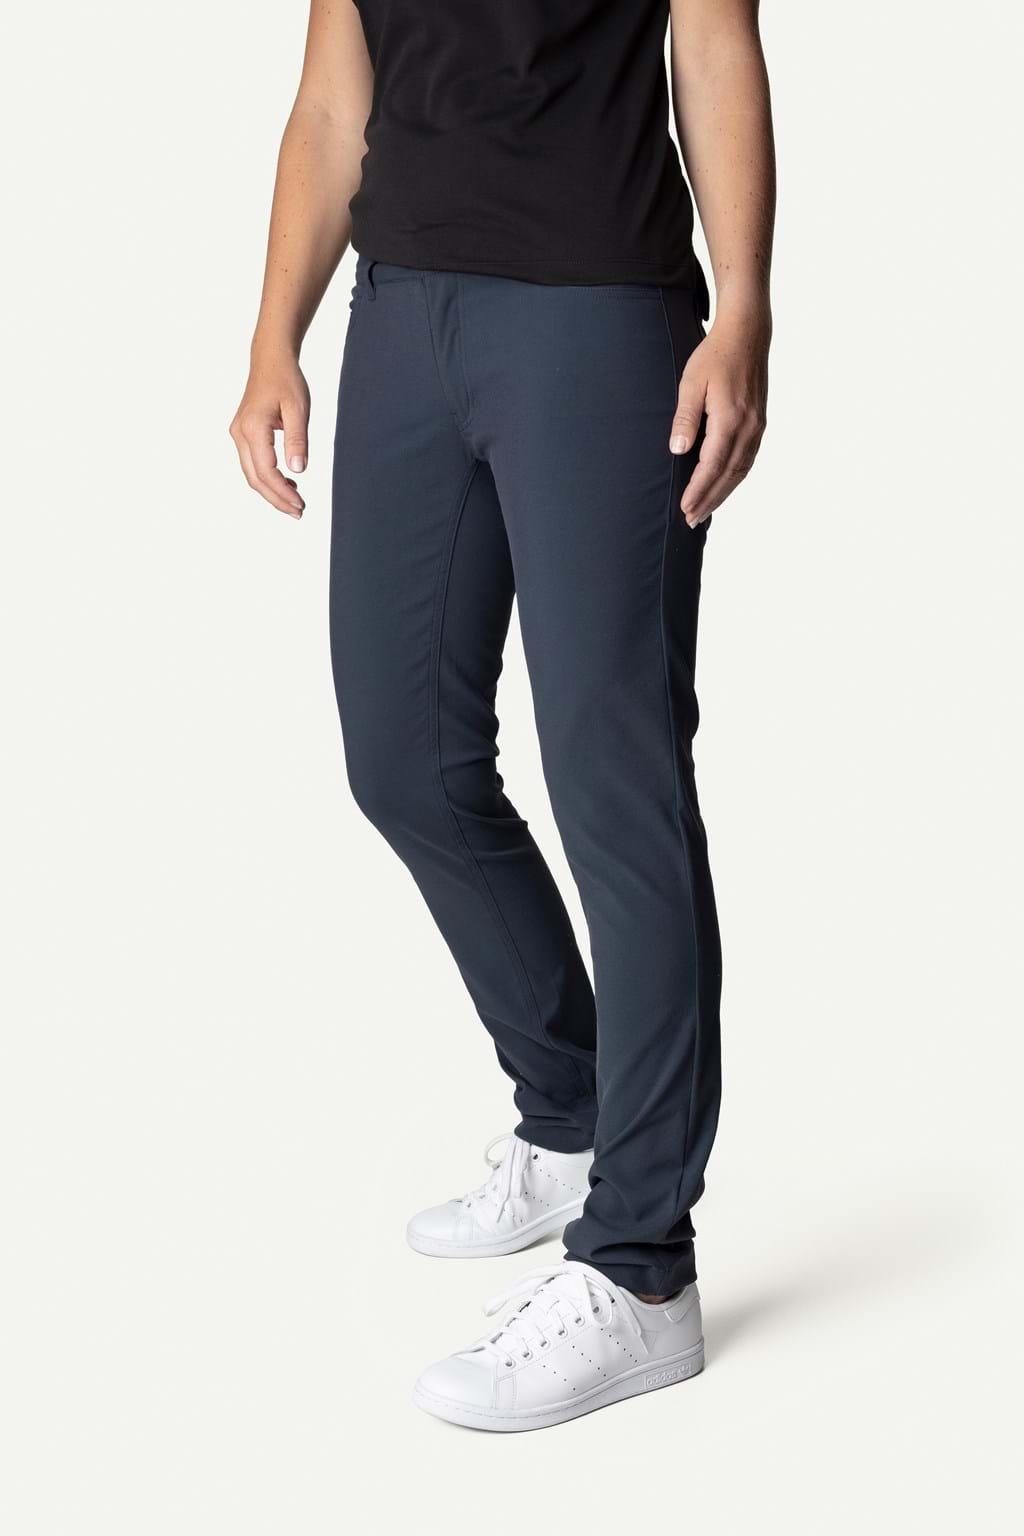 00084a6abe W's Way To Go Pants | Houdini Sportswear